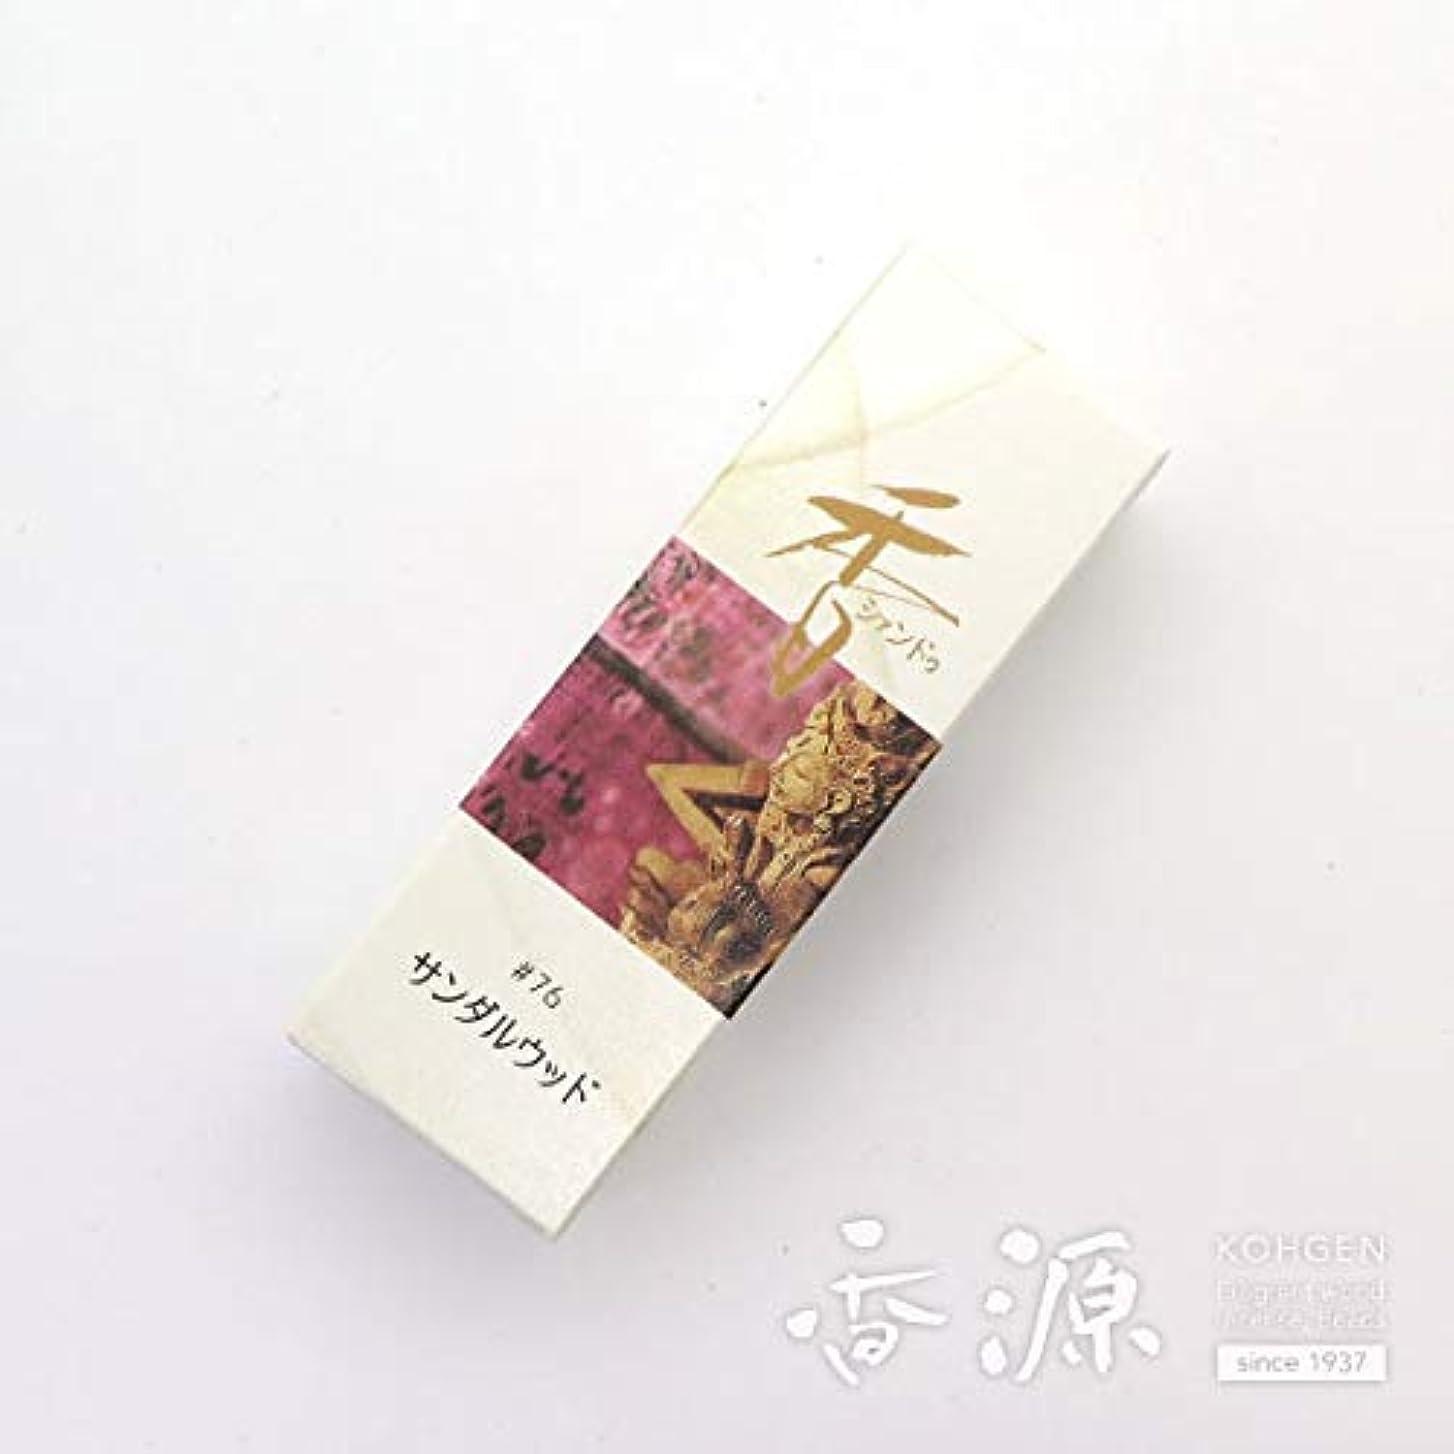 ライラック要求ミケランジェロ松栄堂のお香 Xiang Do サンダルウッド ST20本入 簡易香立付 #214276